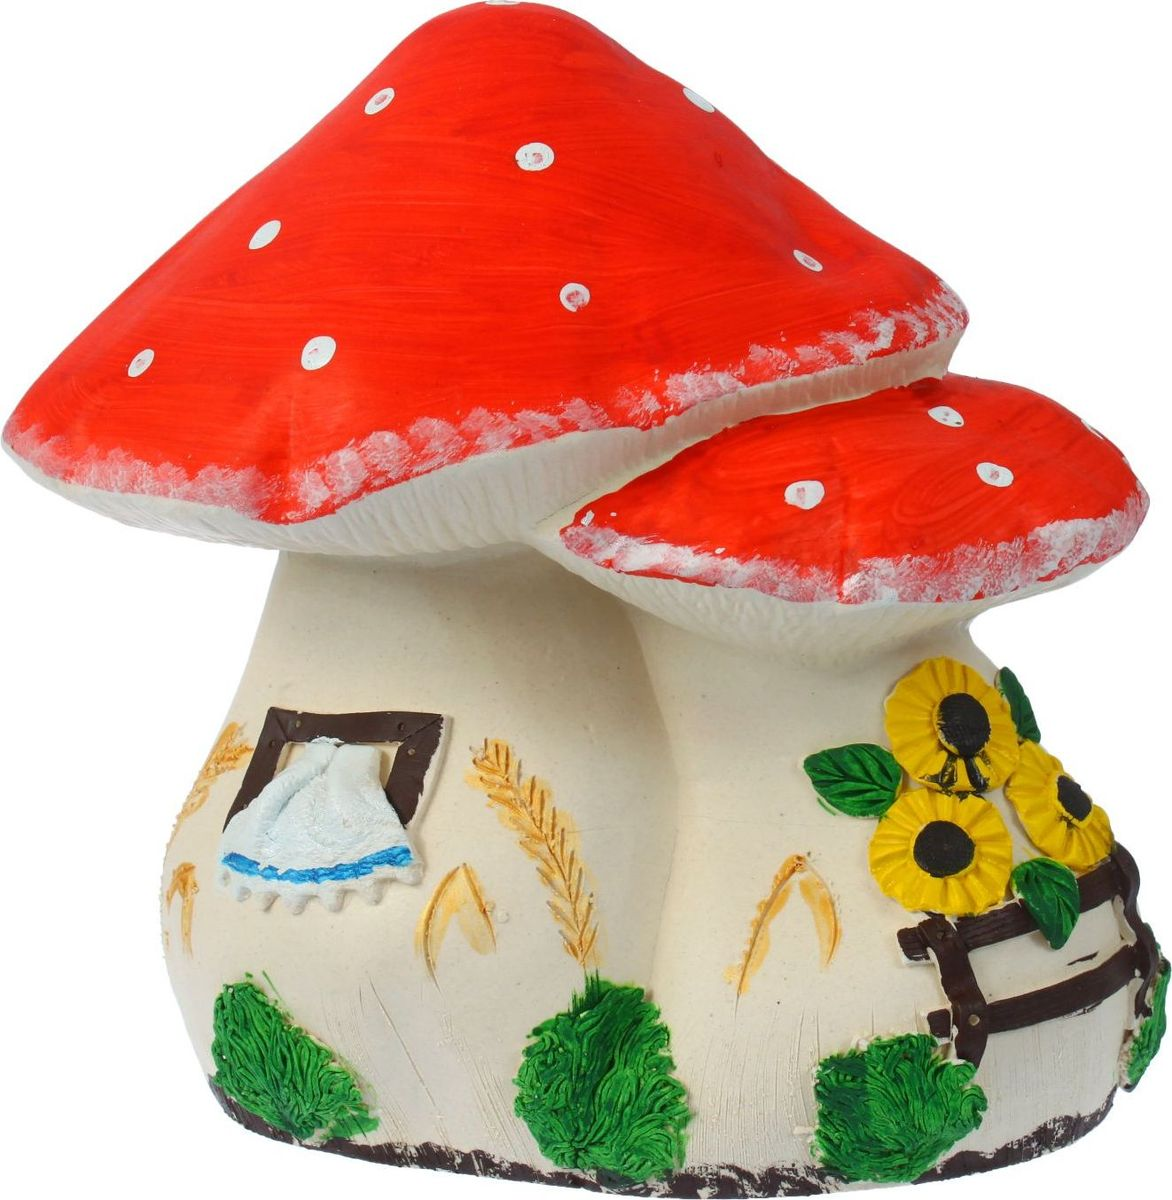 Копилка Керамика ручной работы Мухомор, 18 х 30 х 26 см1299191Поставьте копилку в форме гриба на кухне или в прихожей, ведь этот лесной житель является символом долголетия. Откладывая в неё деньги на покупку приятных мелочей, вы точно будете знать, что однажды она вас выручит. Обращаем ваше внимание, что копилка является одноразовой.